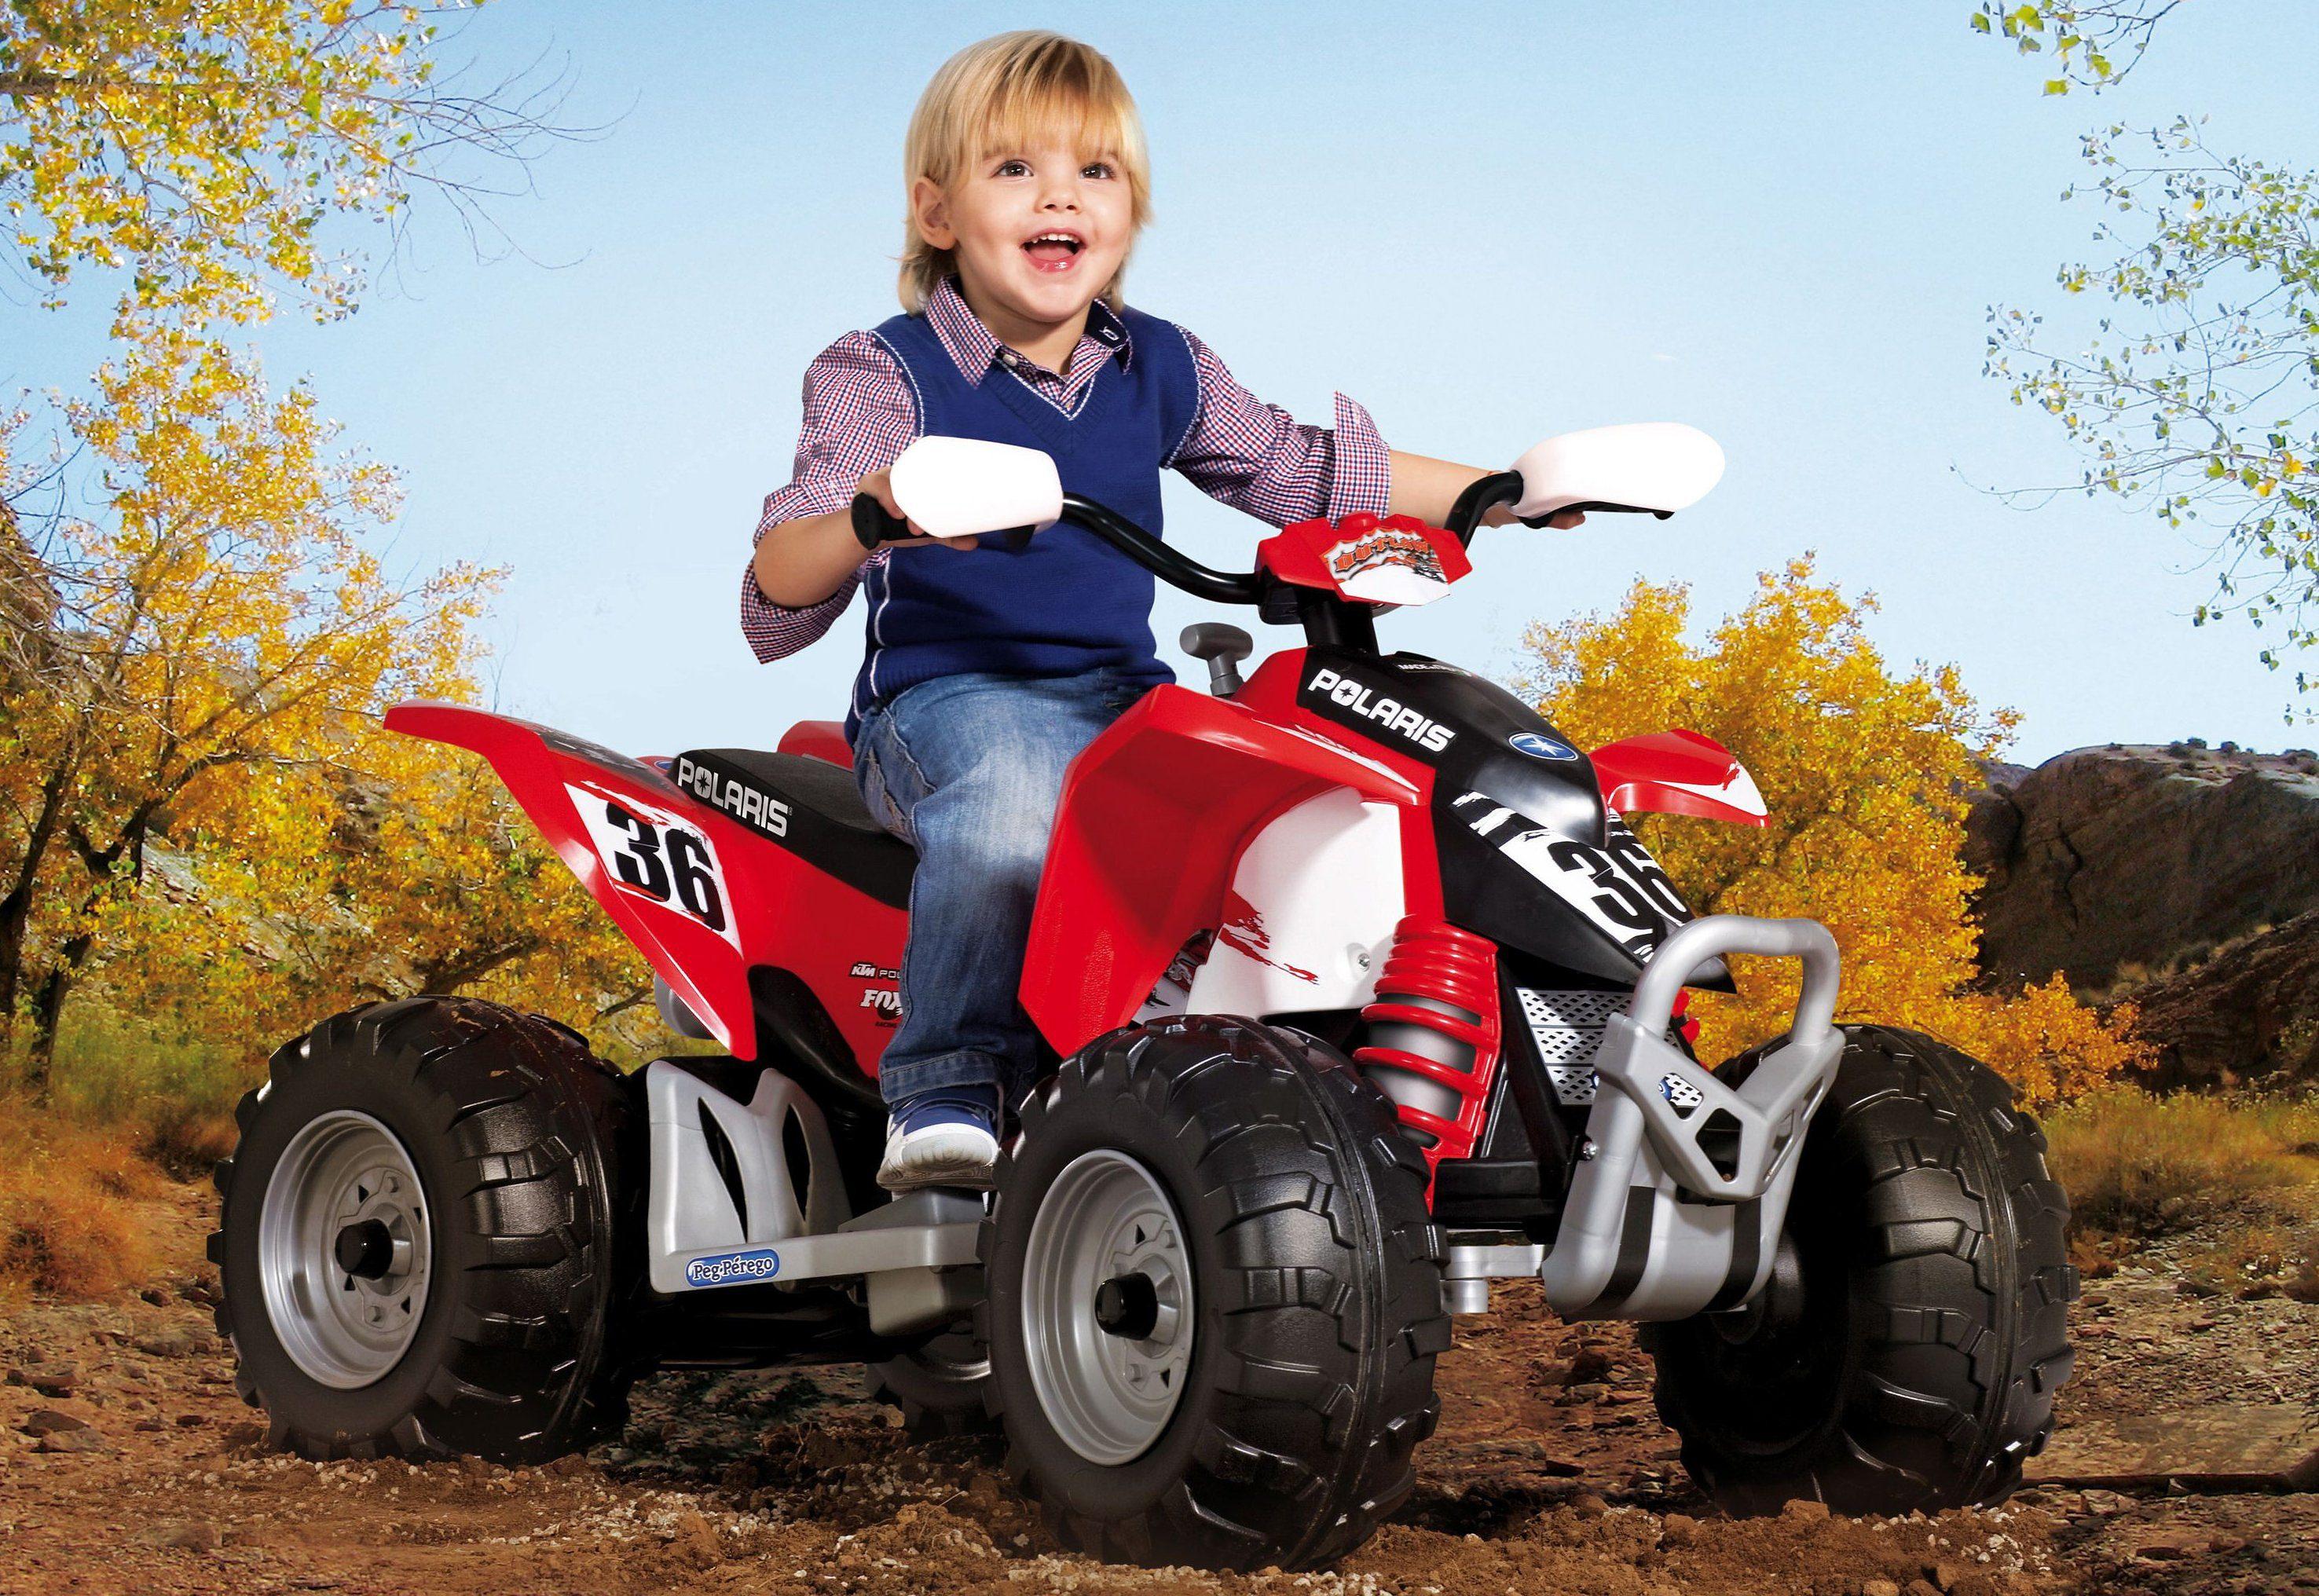 Peg-Pérego Elektrofahrzeug für Kinder Quad »Polaris Outlaw - 12 Volt«